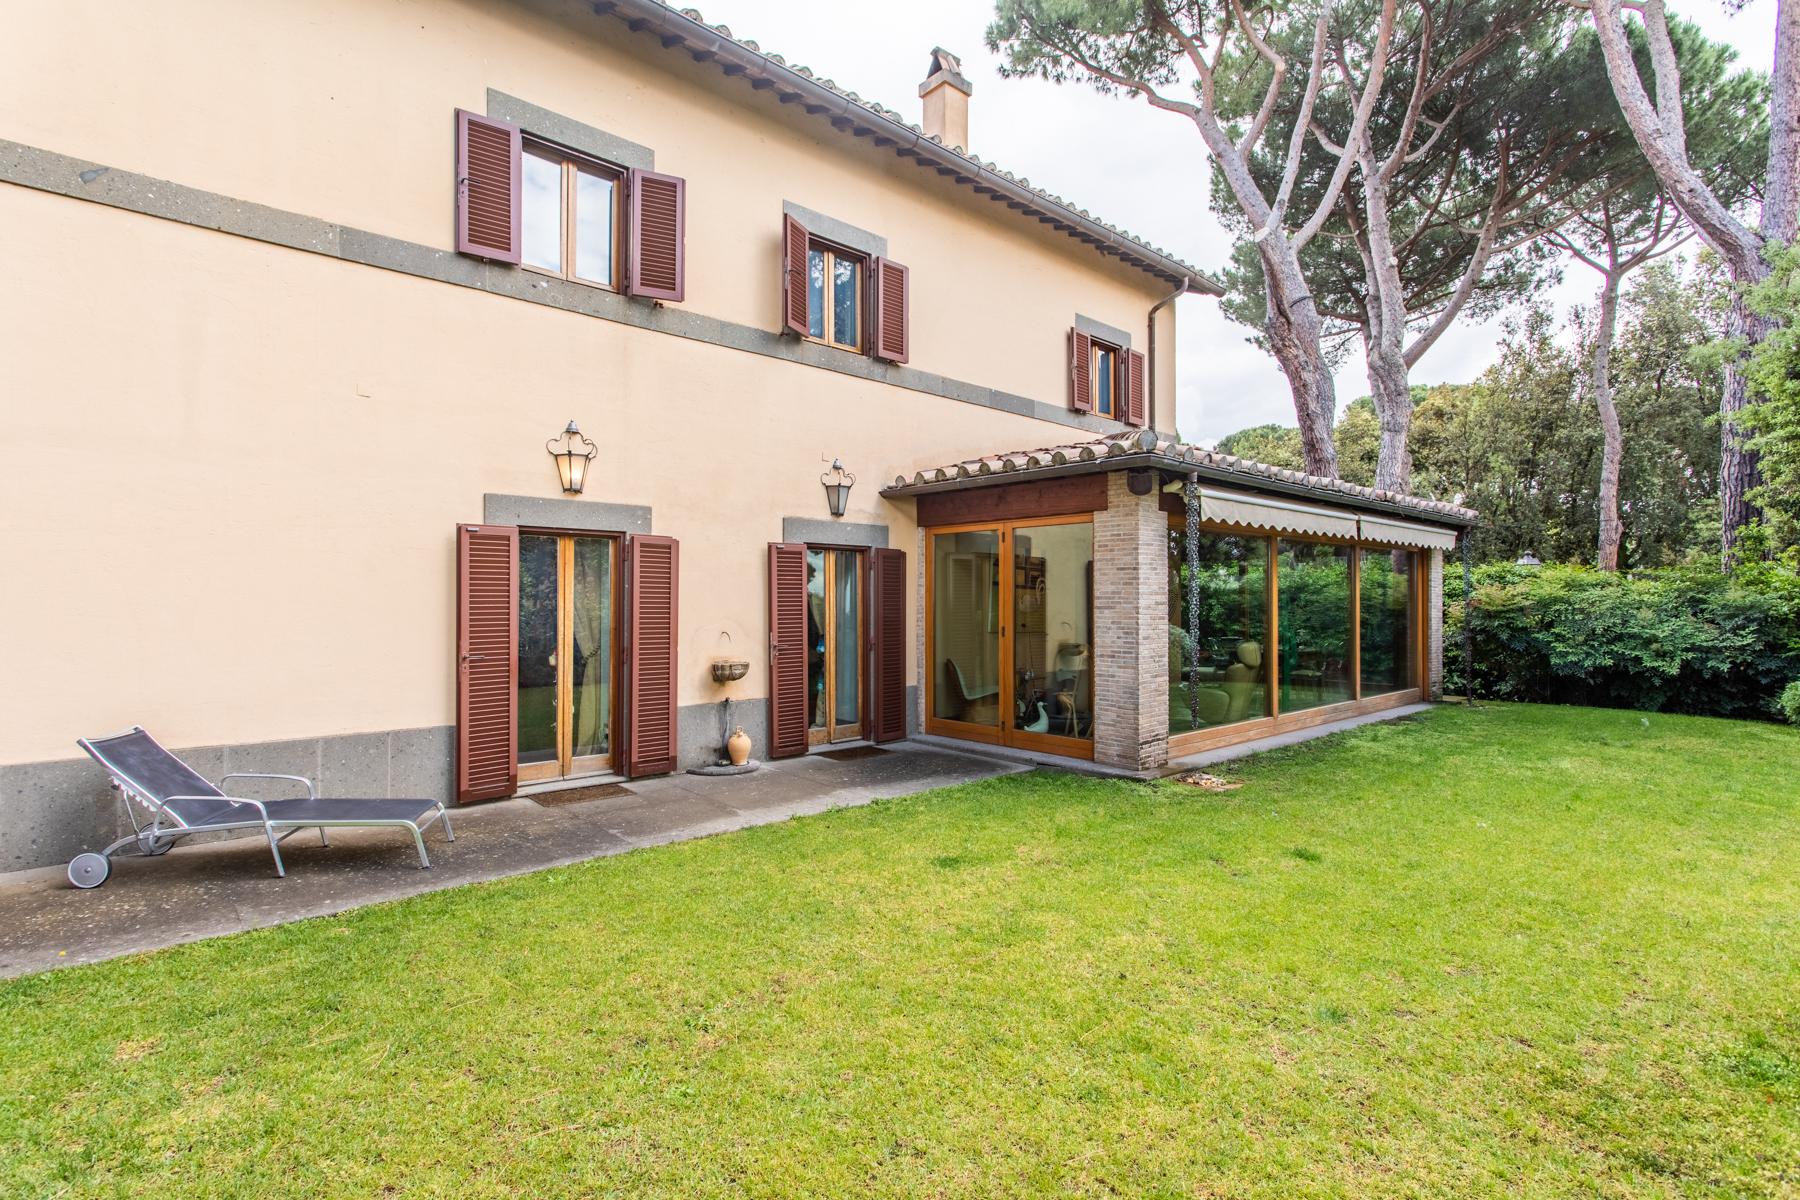 Villa in Vendita a Castel Gandolfo: 5 locali, 400 mq - Foto 26